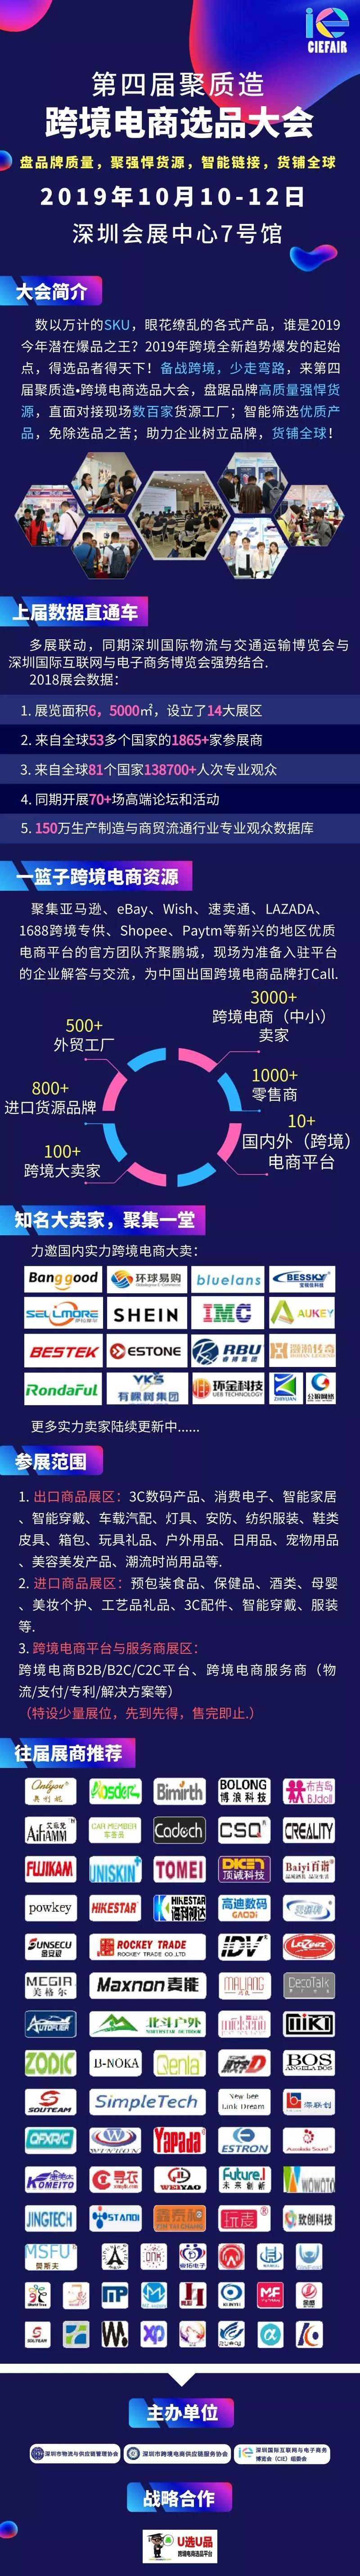 广州:受疫情影响,中考延期至7月,涉及超9万考生